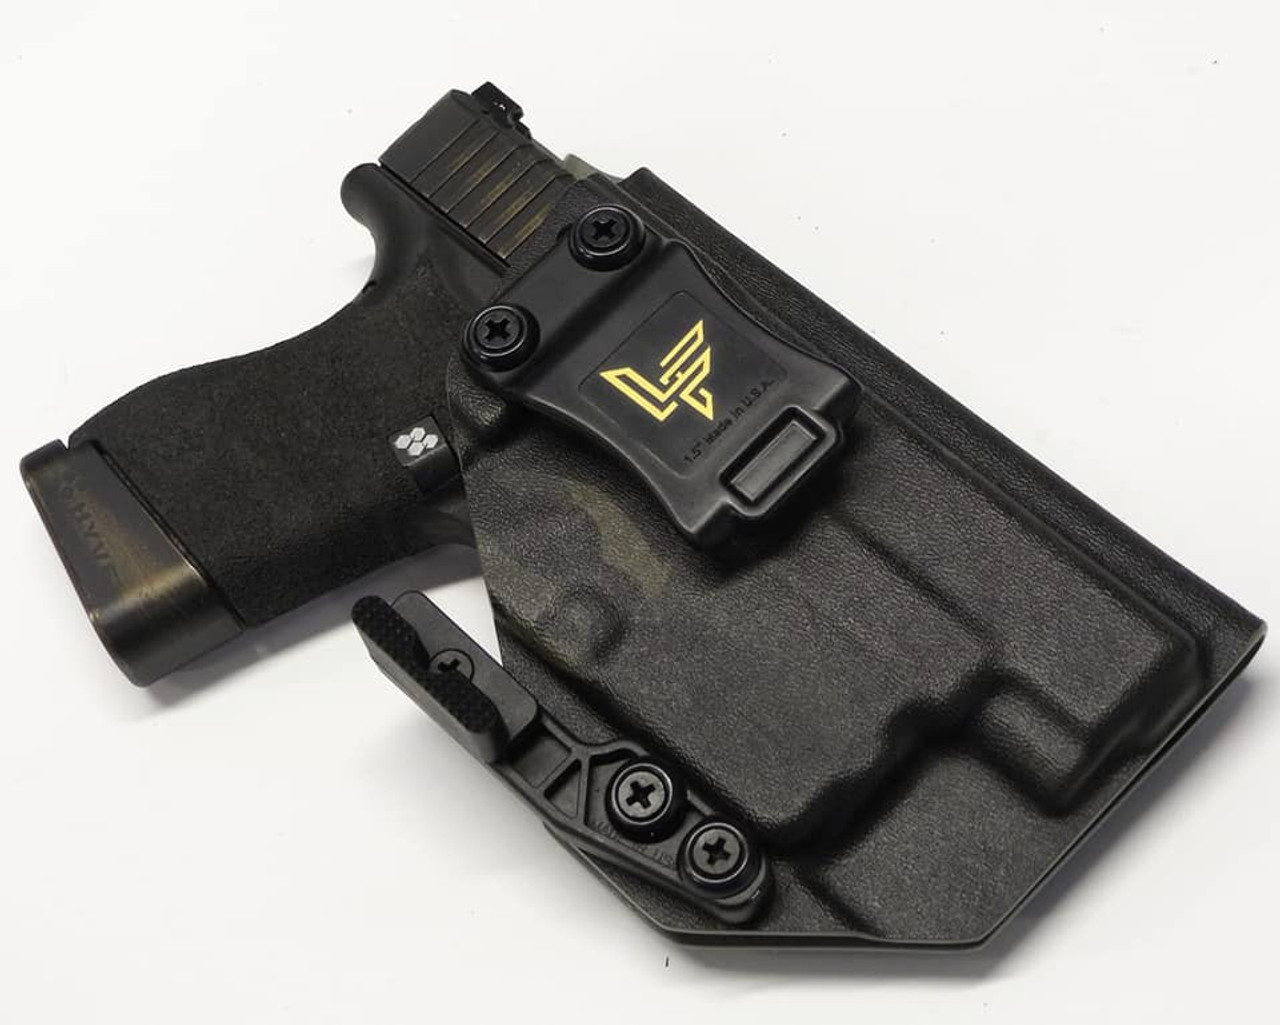 Glock 48 w/ Streamlight TLR6 Black Multicam Holster